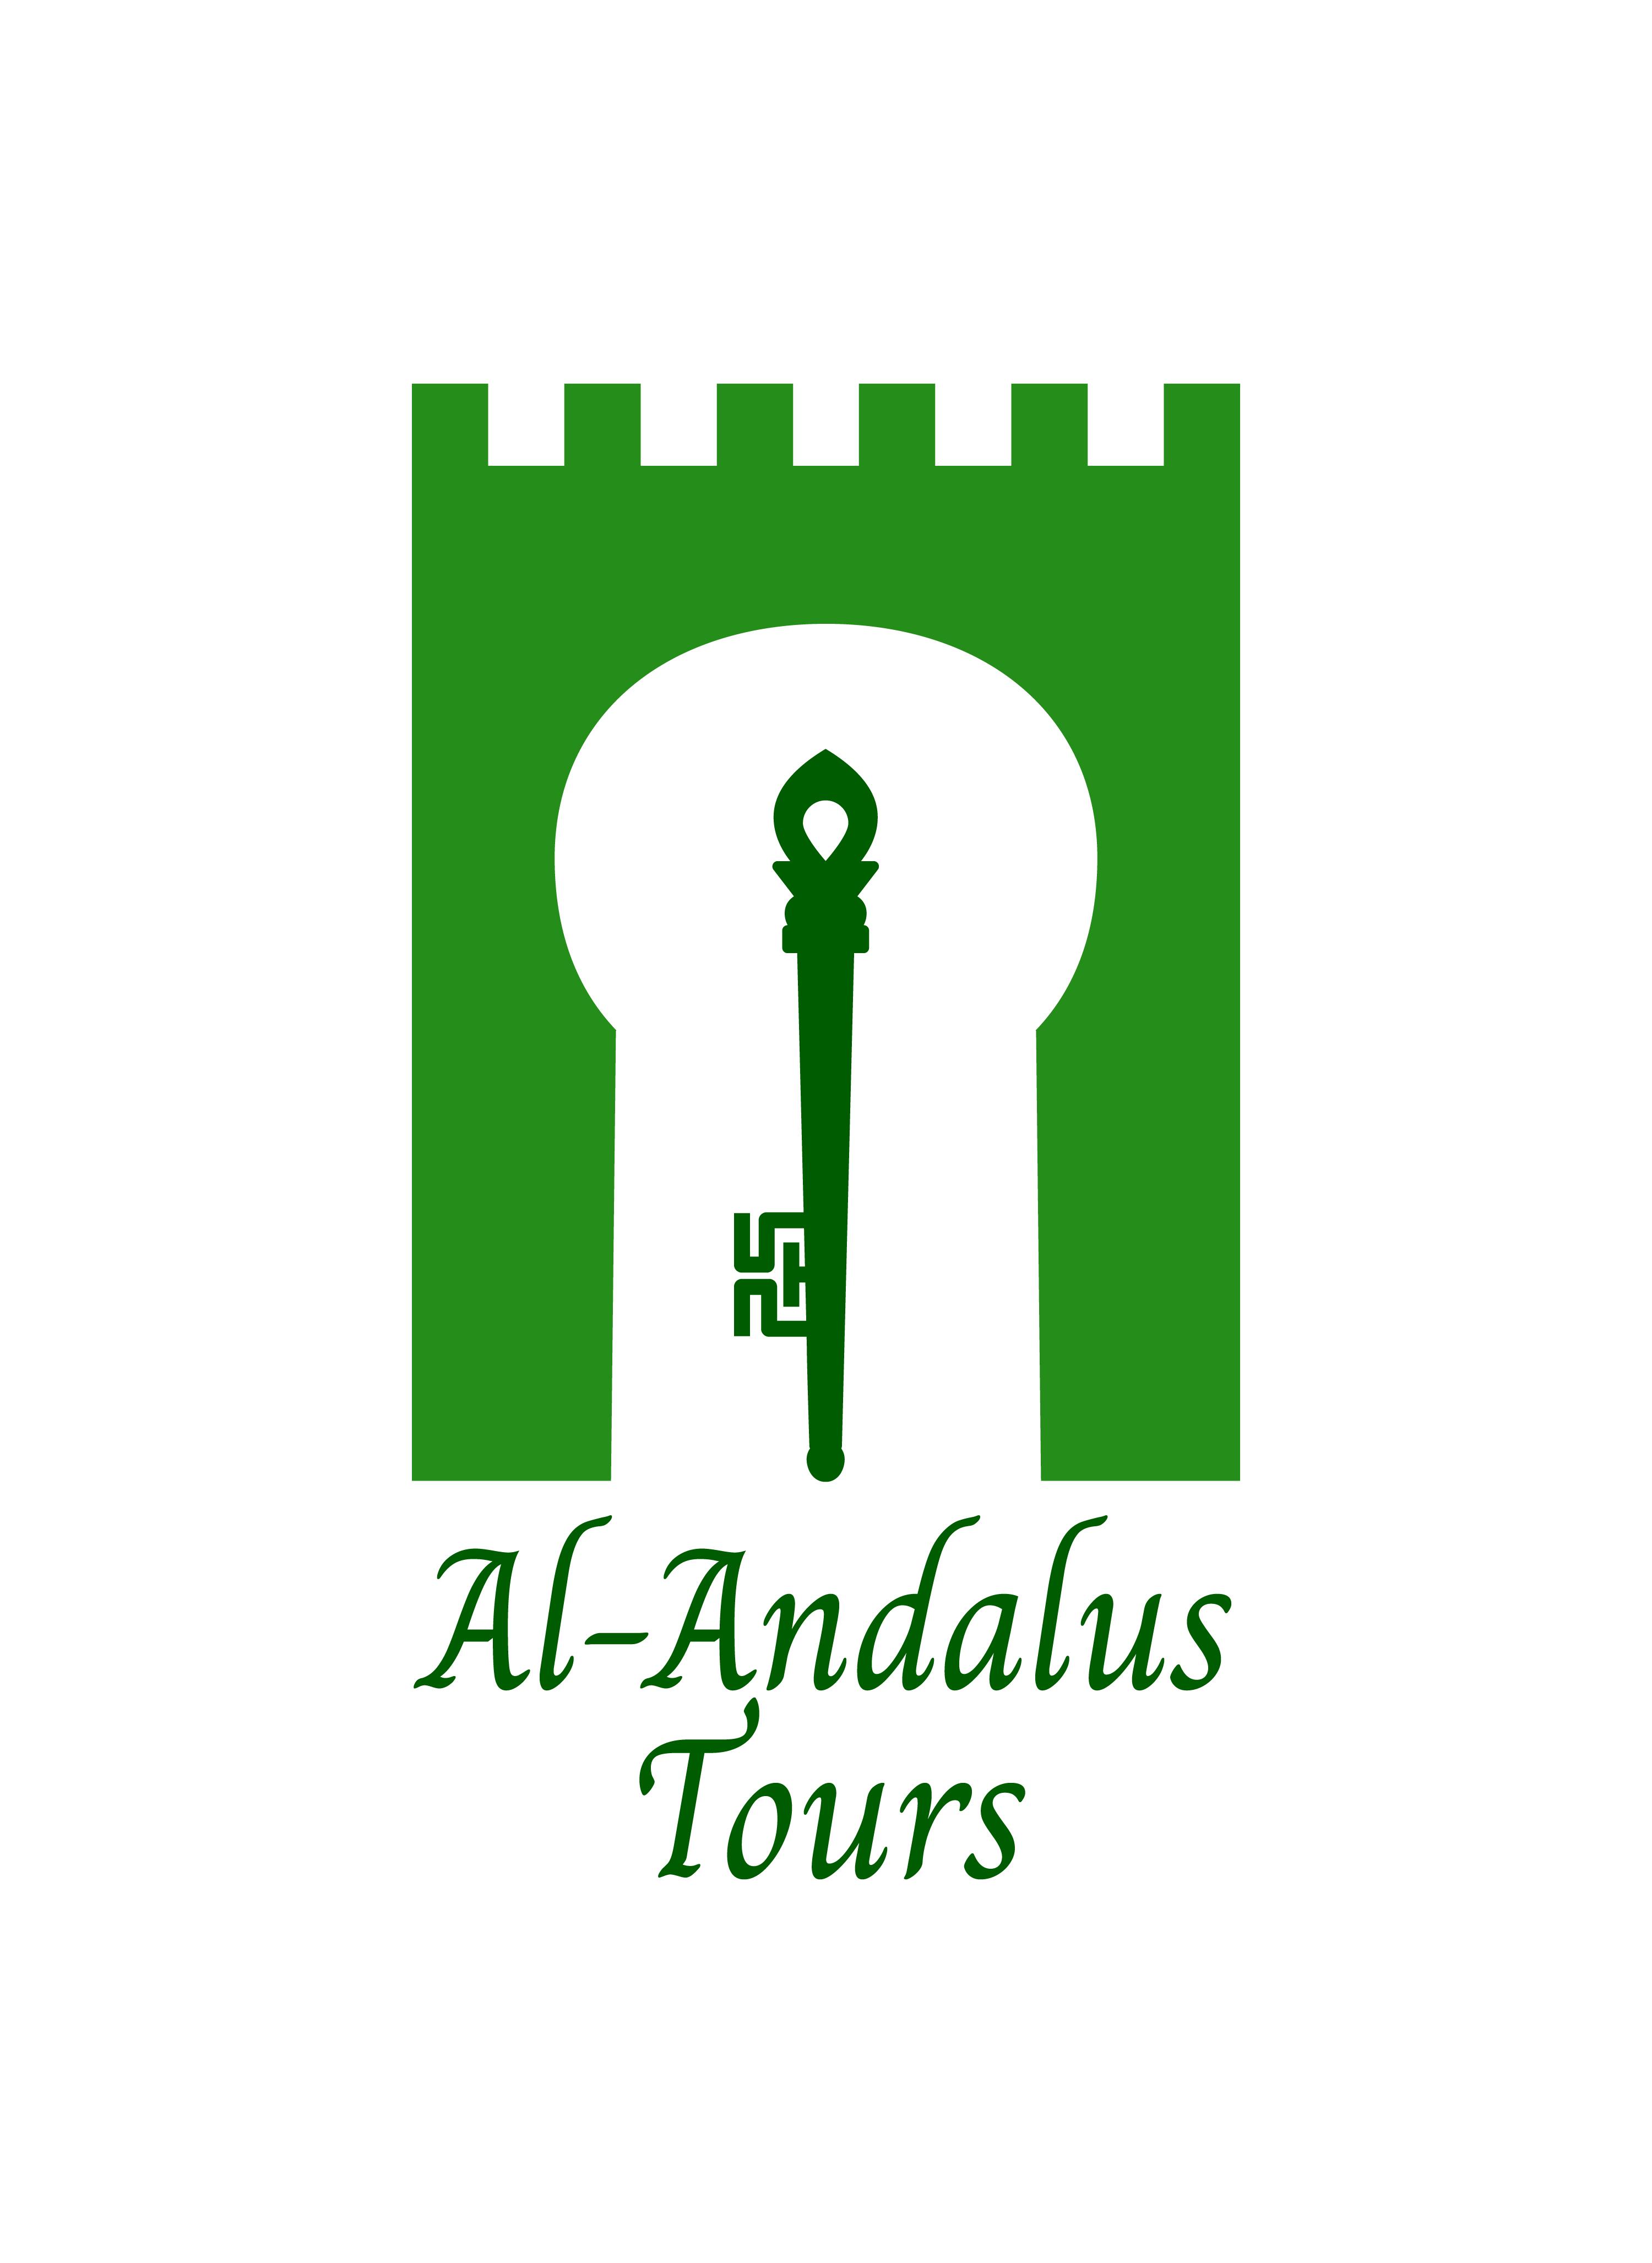 Al-Andalus Tours